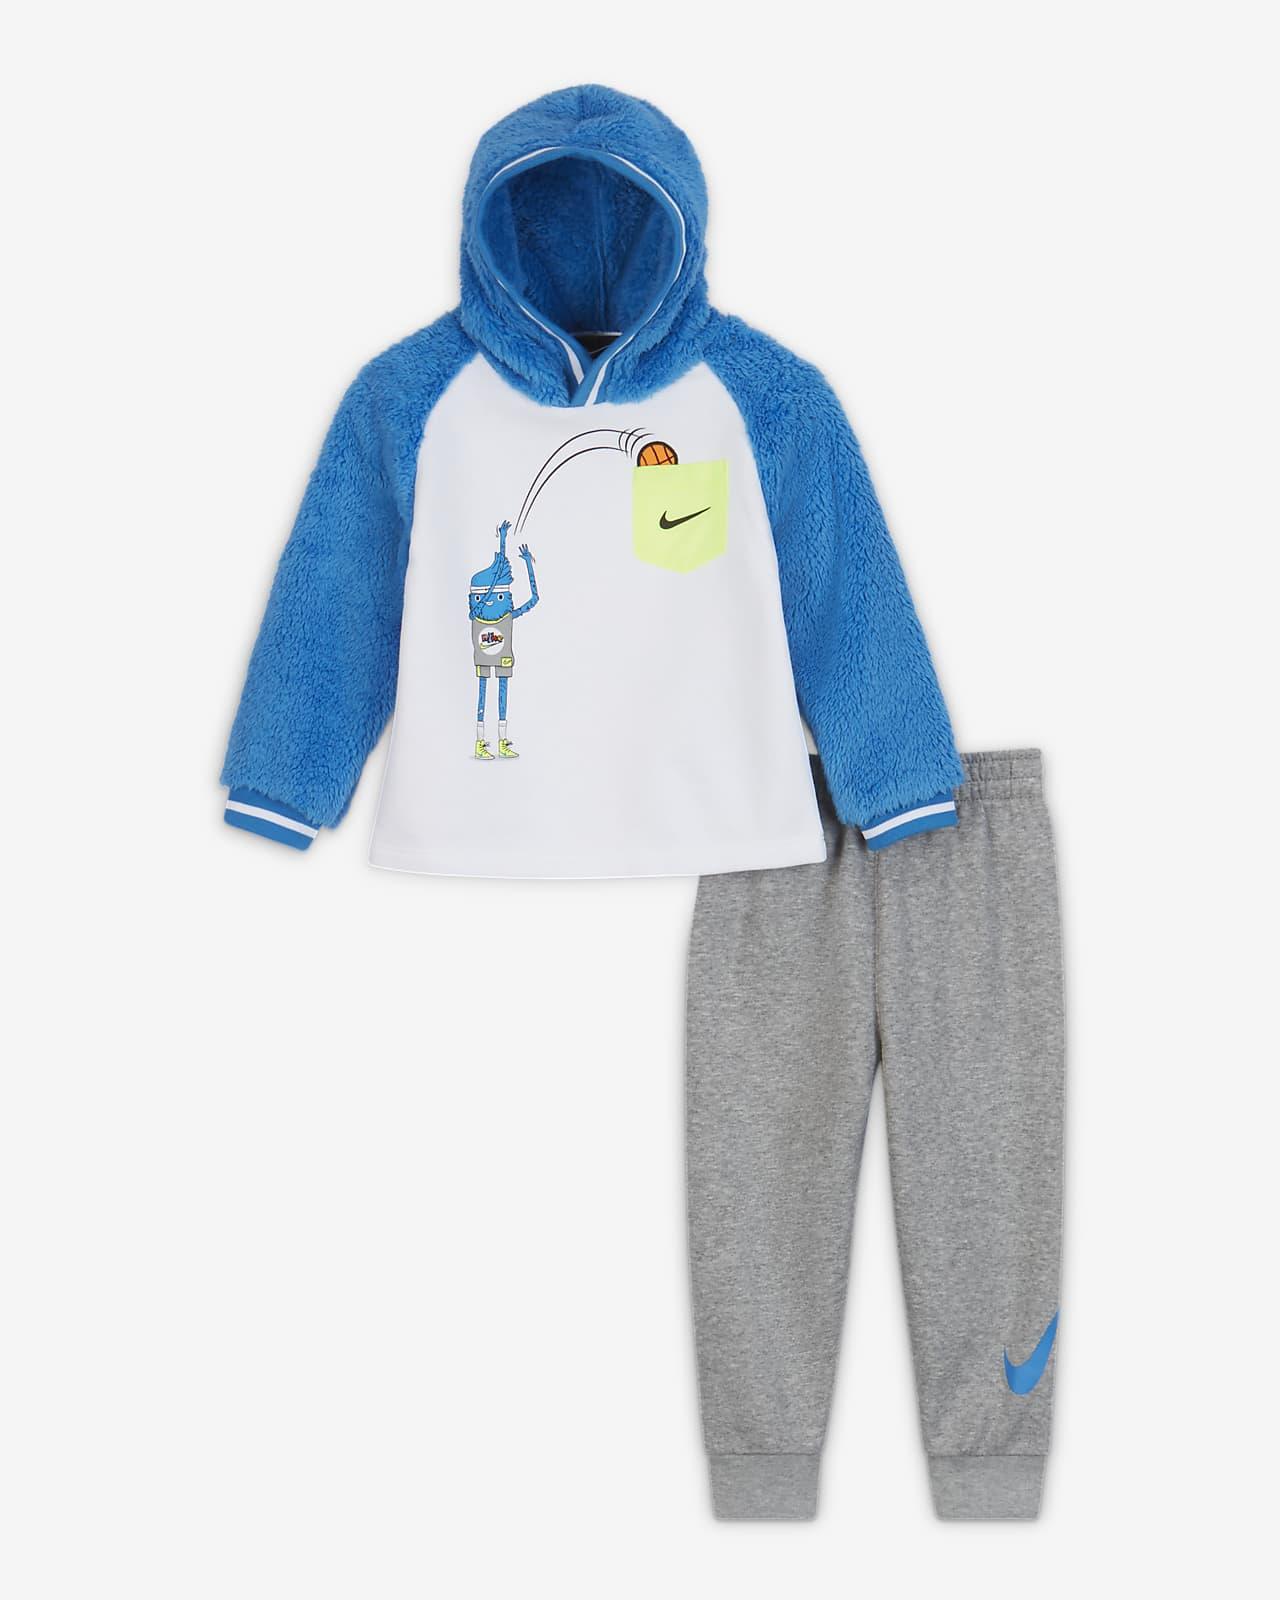 Nike kapucnis pulóver és szabadidőnadrág szett babáknak (12-24 hónapos)